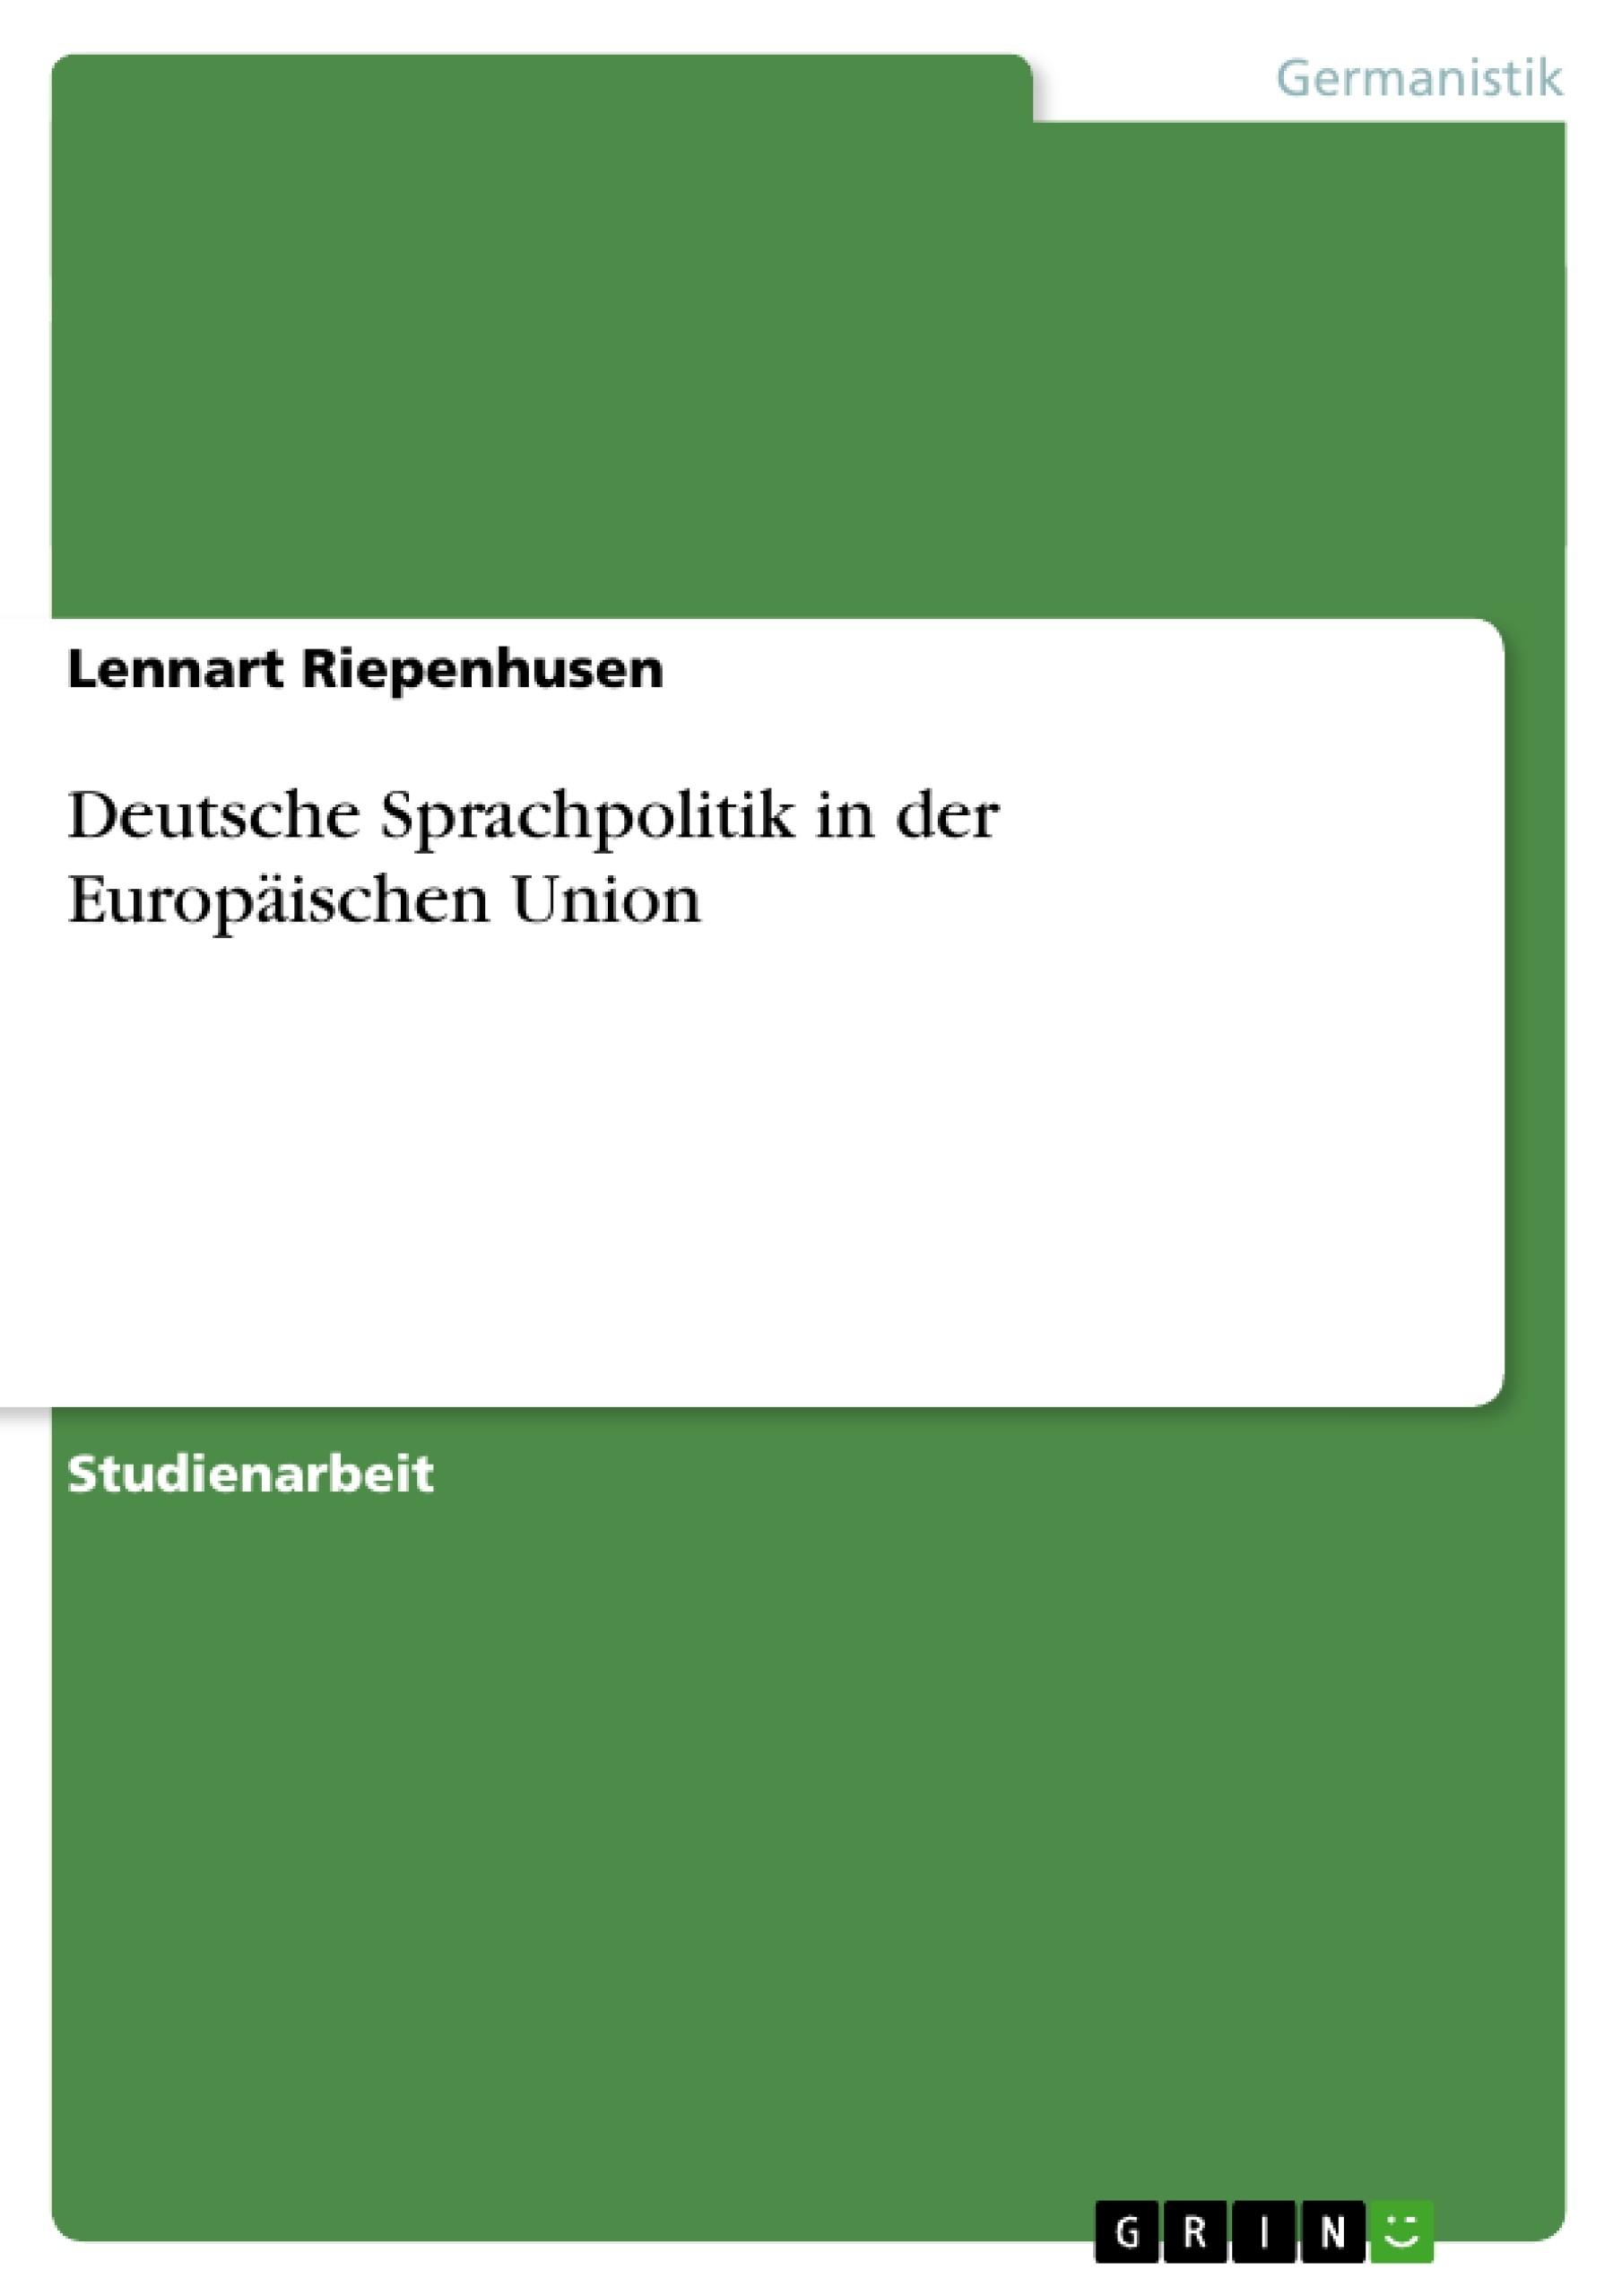 Titel: Deutsche Sprachpolitik in der Europäischen Union